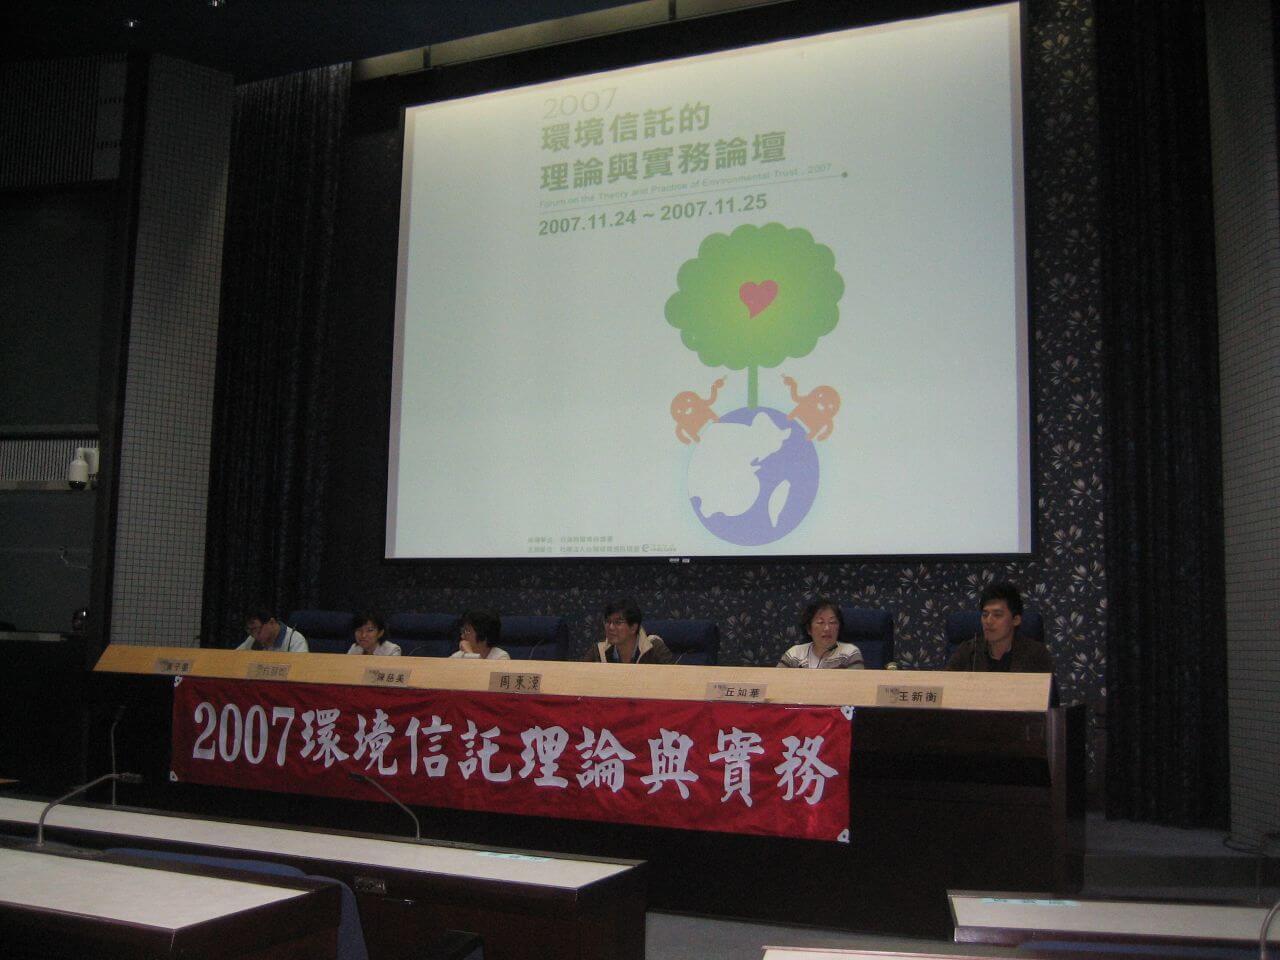 2007環境信託研討會